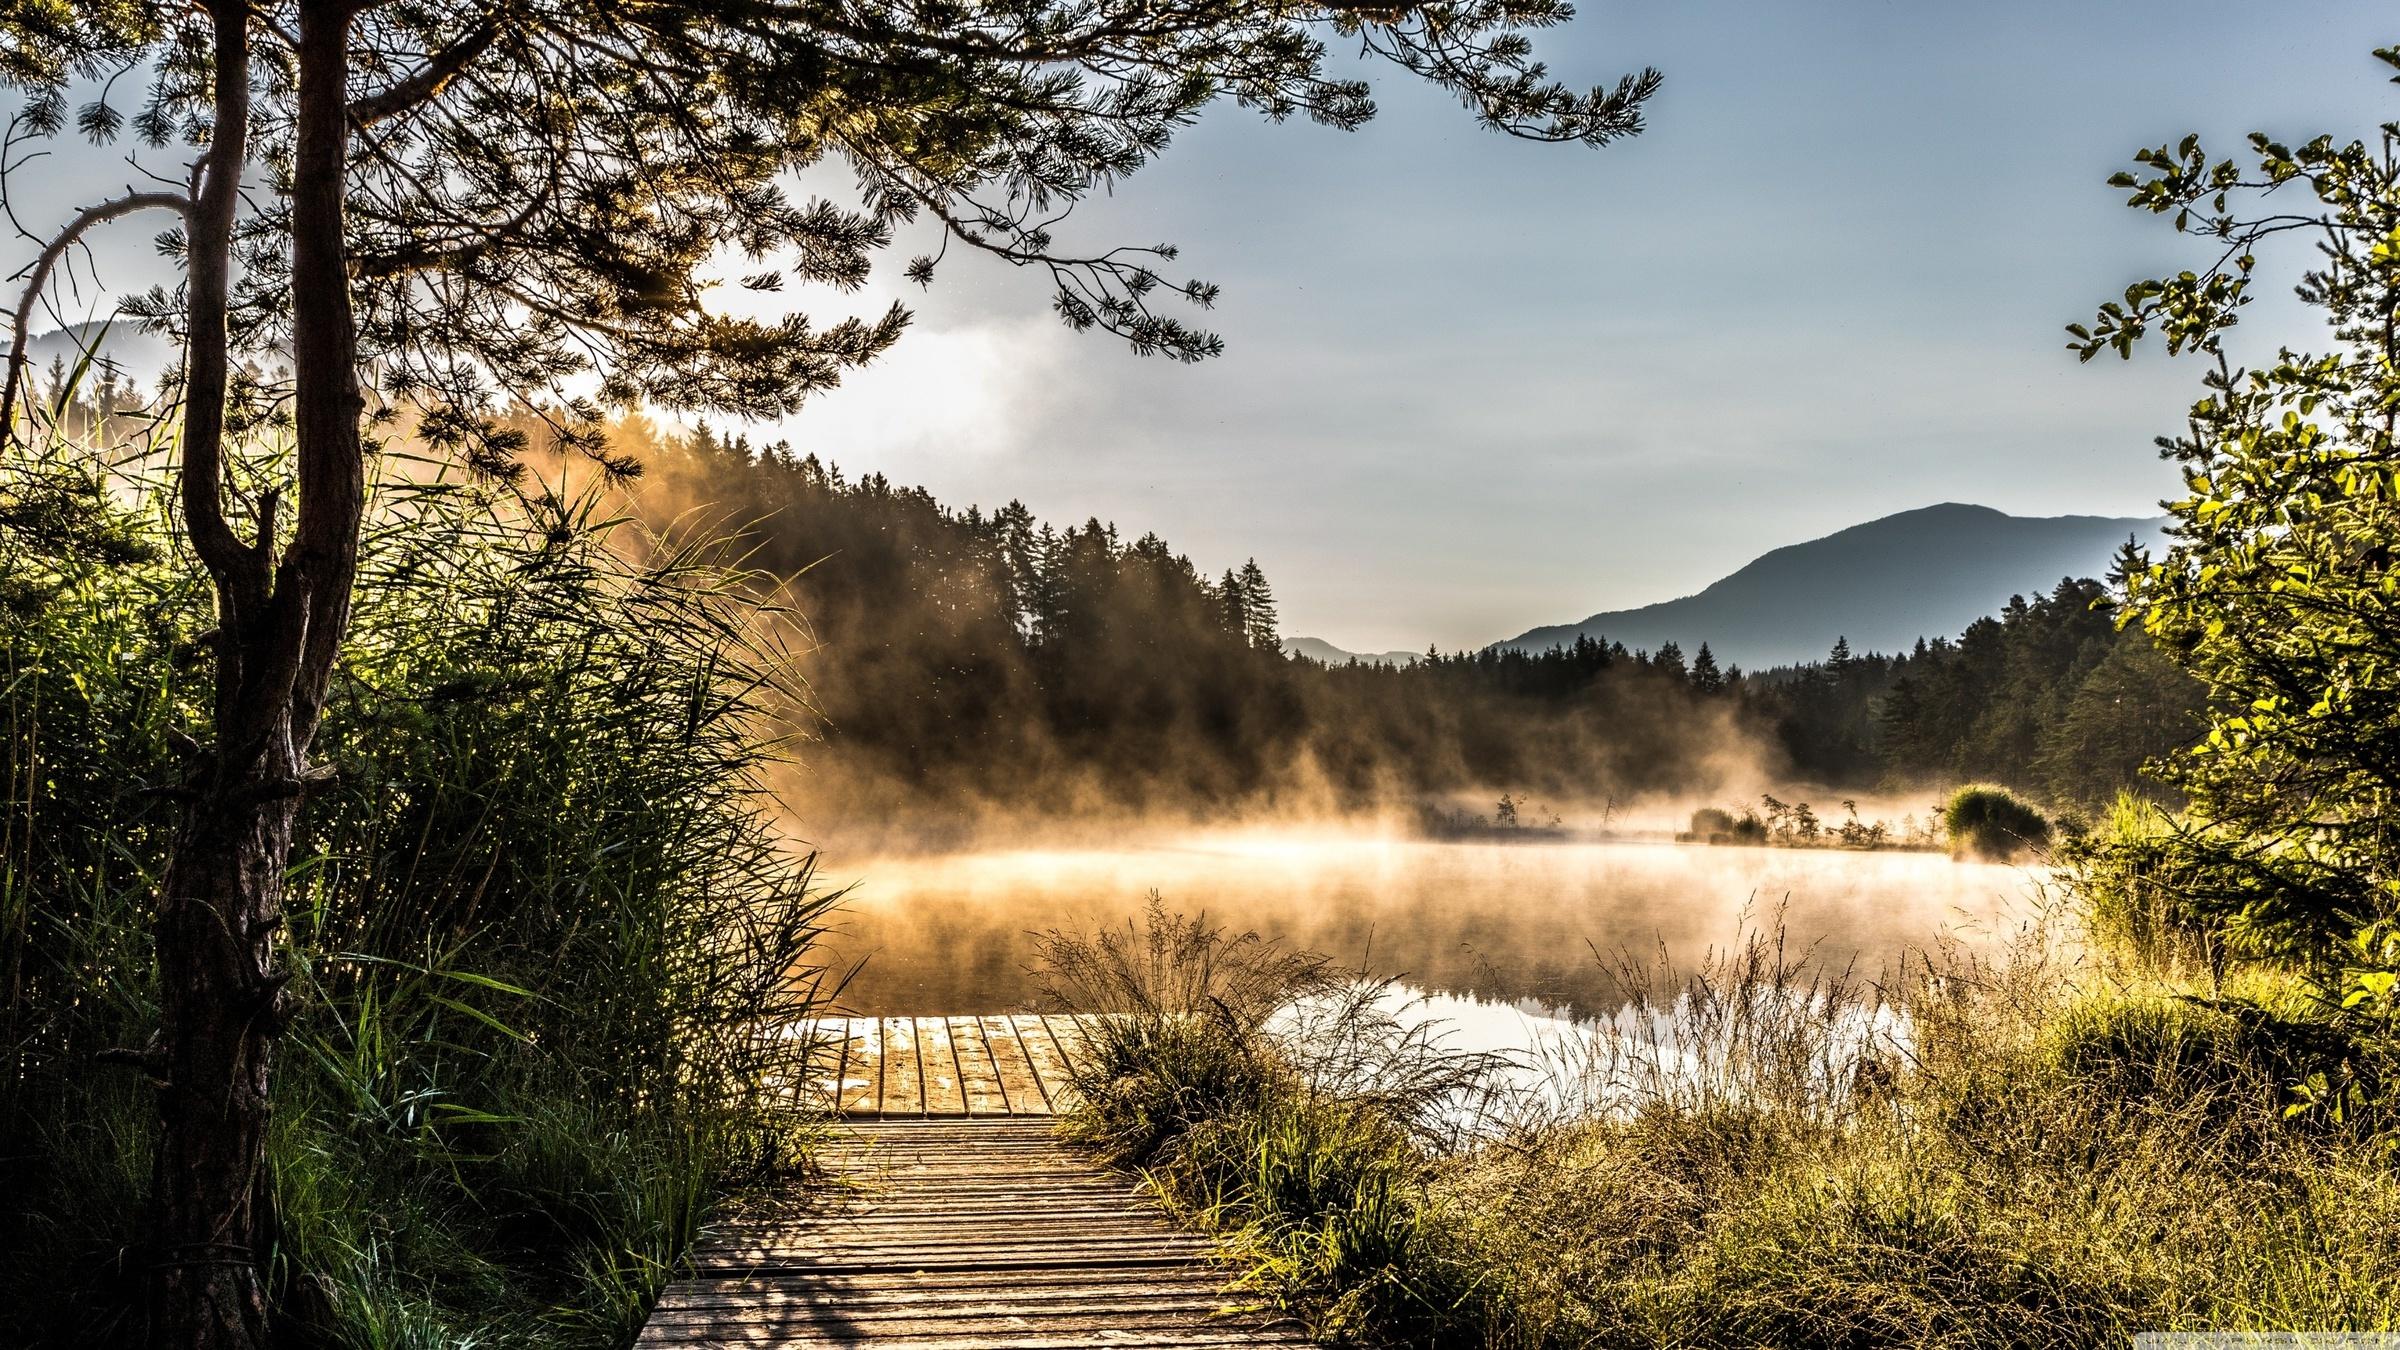 Egelsee Lake in Carinthia (2400x1350)